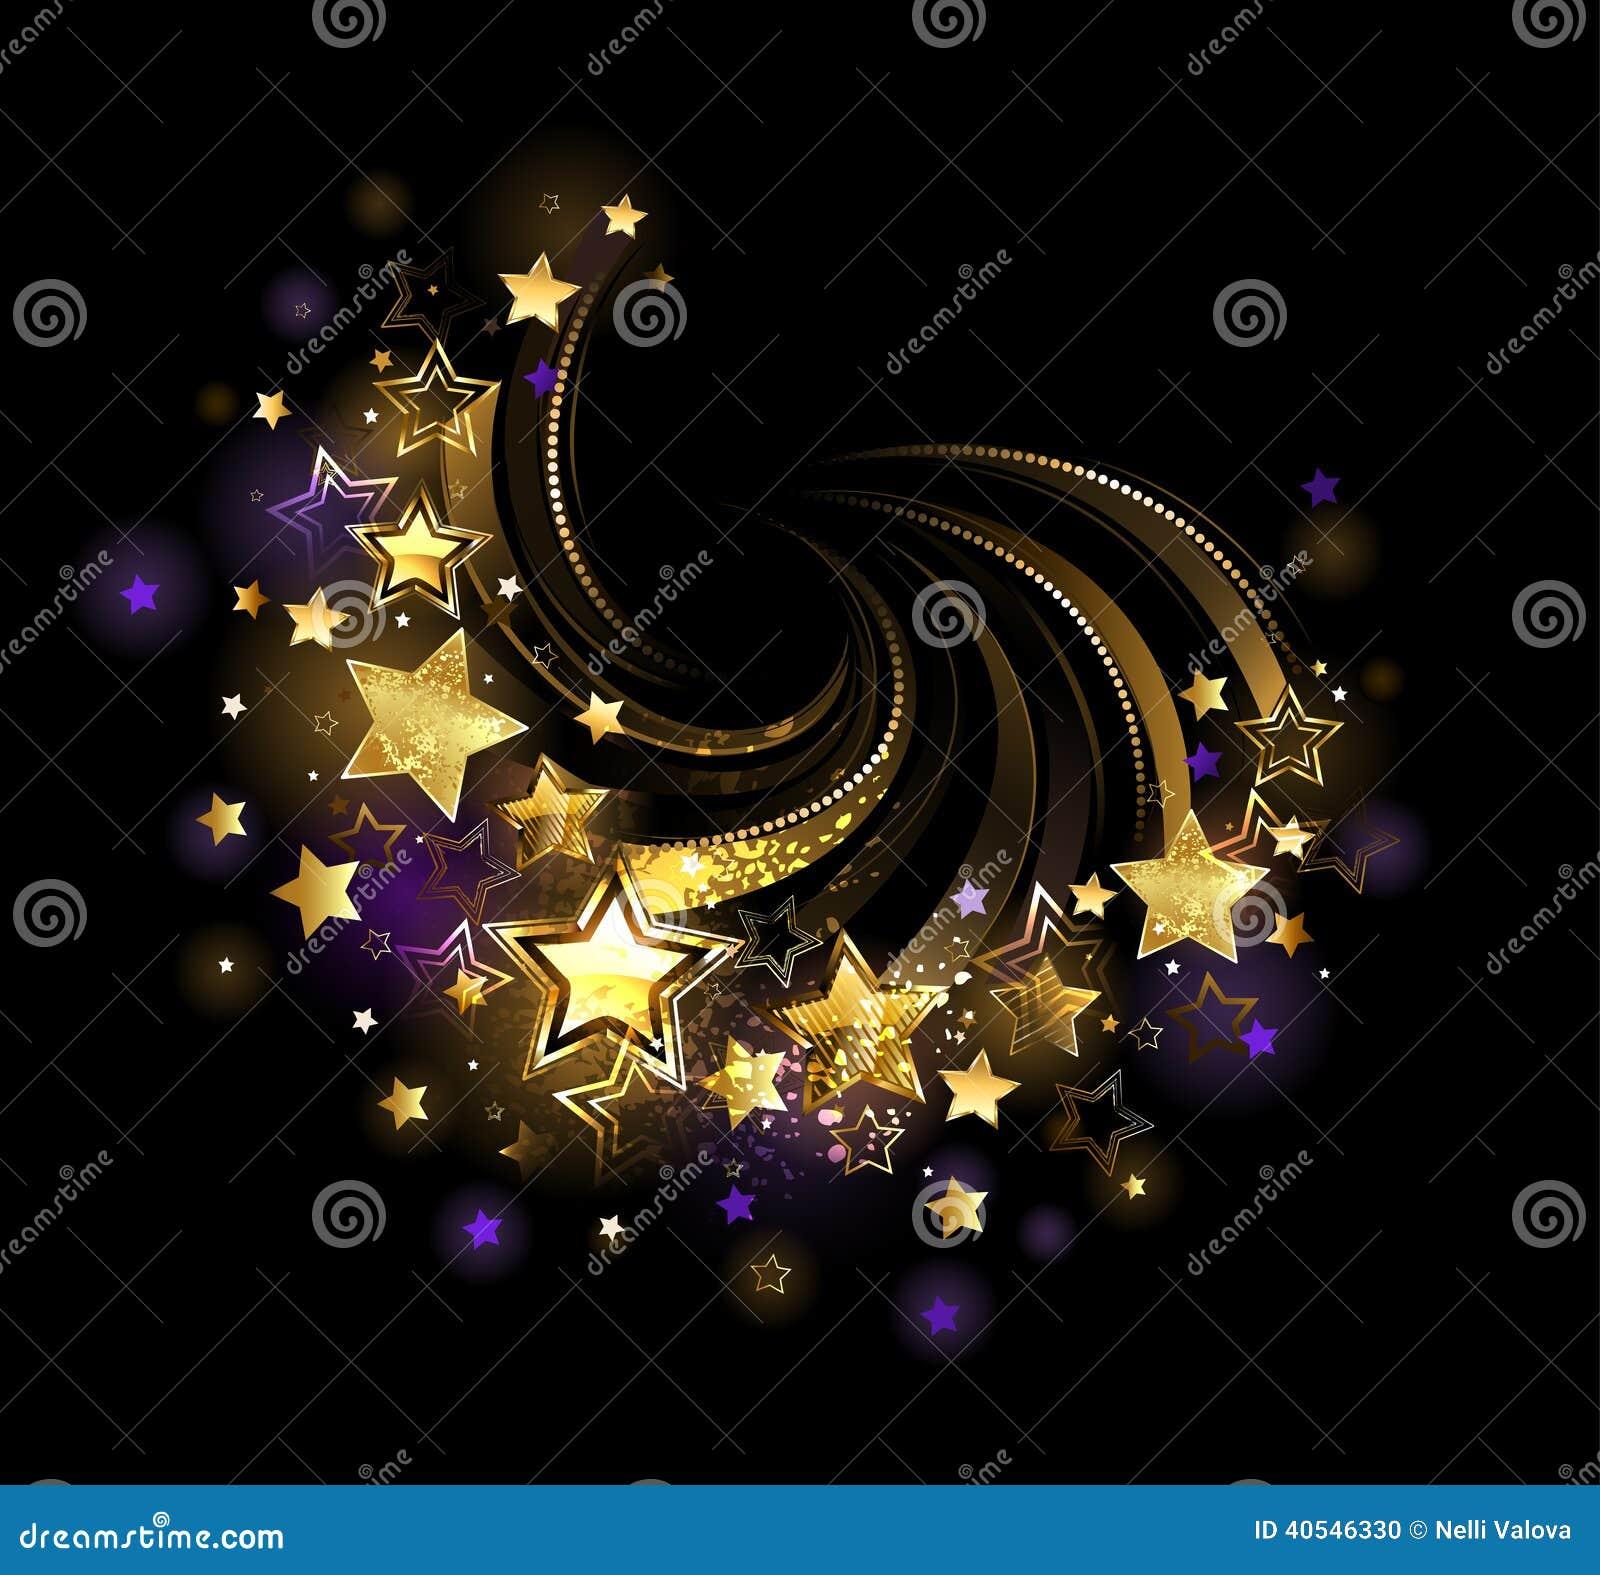 Jessica Alba. Celebrity, Actress,Film Star 8X10 GLOSSY ...